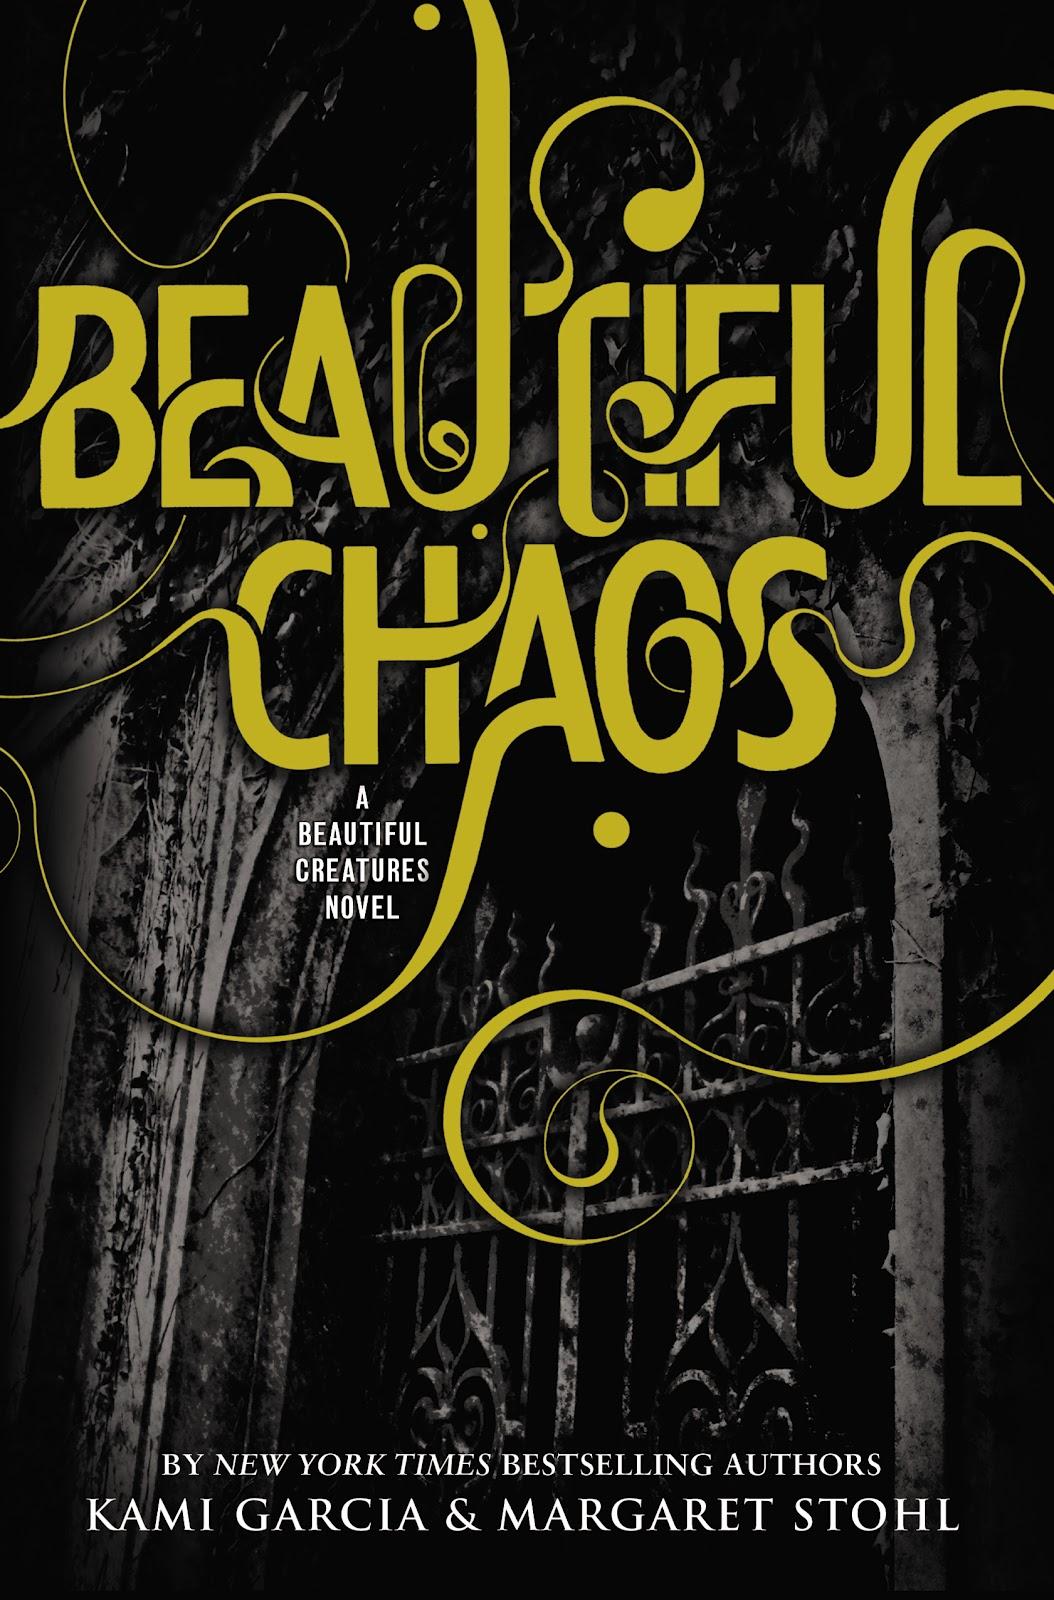 Beautiful Book Covers Ya : Título del cuarto libro de la saga las dieciséis lunas